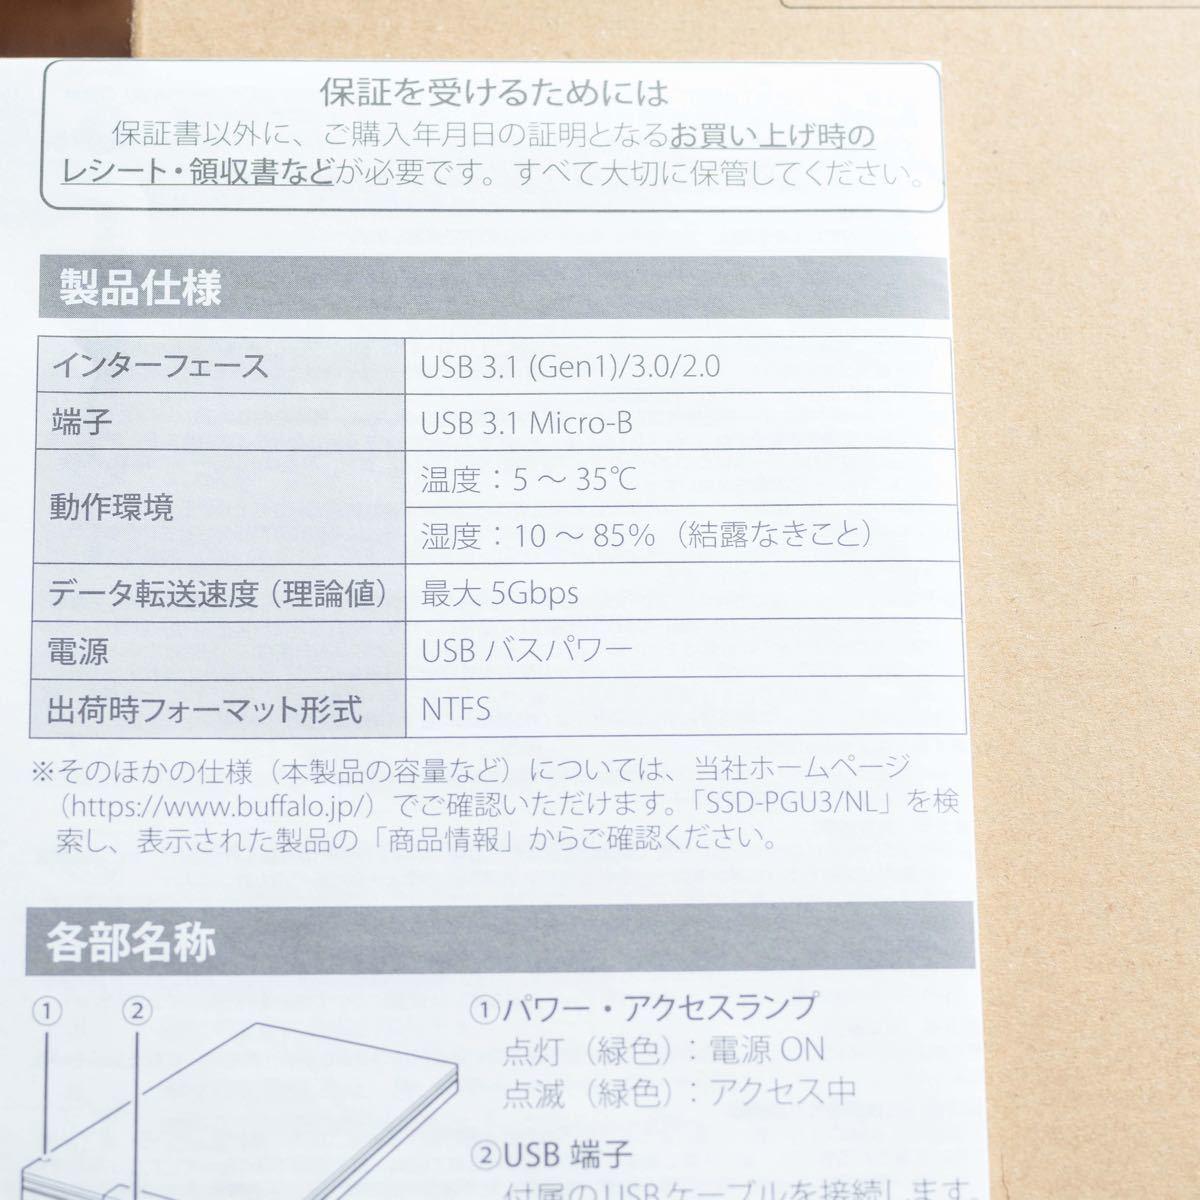 美品 Buffalo 外付けSSD 1TB バッファロー USB-C